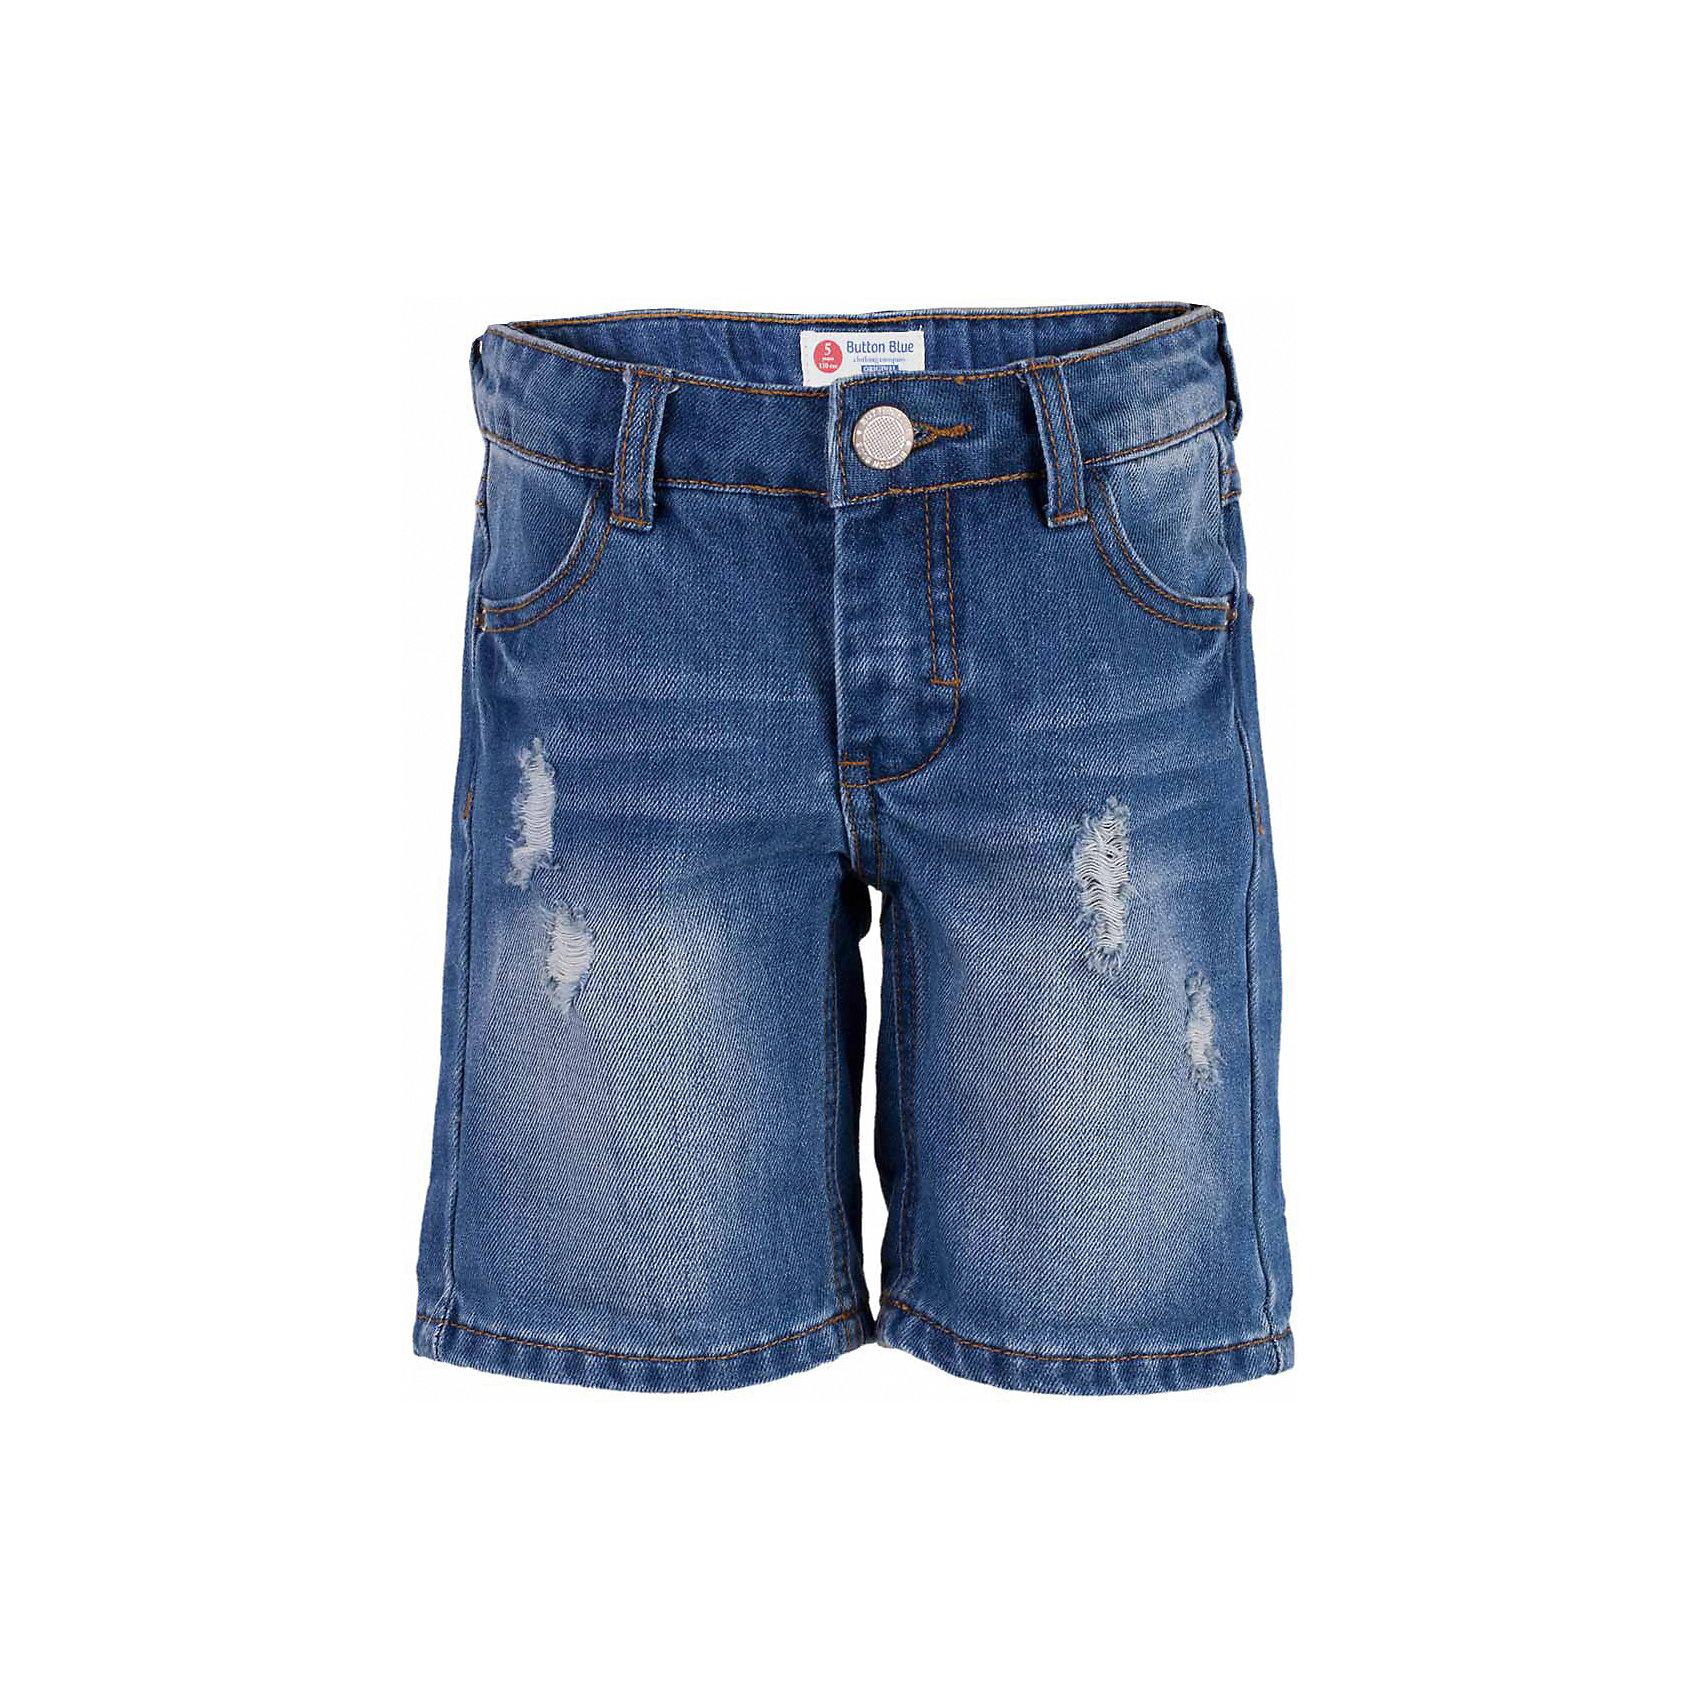 Шорты джинсовые для мальчика  BUTTON BLUEШорты, бриджи, капри<br>Шорты для мальчика  BUTTON BLUE<br>Классные джинсовые шорты с потертостями, варкой и повреждениями - прекрасное решение на каждый день! И дома, и в лагере, и на спортивной площадке эти шорты для мальчика обеспечат комфорт и соответствие модным трендам. Купить недорого детские шорты от Button Blue , значит, сделать каждый летний день ребенка радостным и беззаботным!<br>Состав:<br>100%  хлопок<br><br>Ширина мм: 191<br>Глубина мм: 10<br>Высота мм: 175<br>Вес г: 273<br>Цвет: голубой<br>Возраст от месяцев: 144<br>Возраст до месяцев: 156<br>Пол: Мужской<br>Возраст: Детский<br>Размер: 158,98,104,110,116,134,140,146,152<br>SKU: 5524634